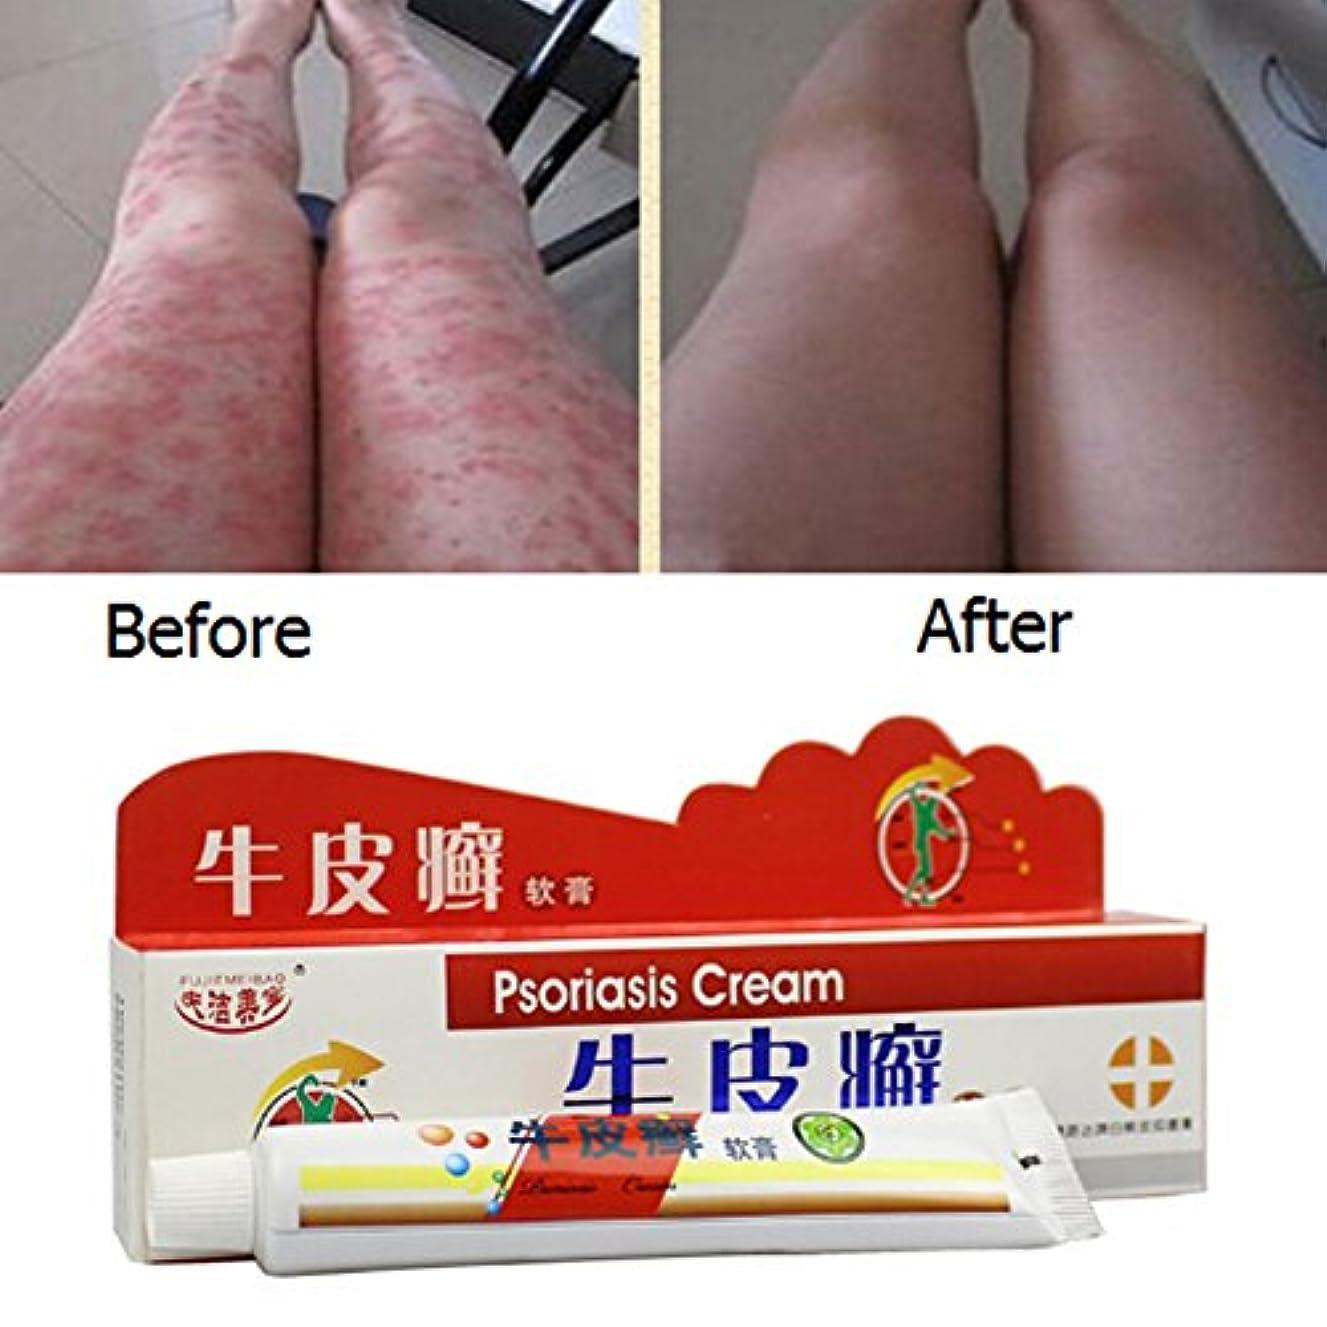 敷居主流電気の乾癬クリーム 漢方薬 植物成分 ハーブ軟膏 抗菌 クリーム 湿疹 乾癬 かゆみ Ammbous